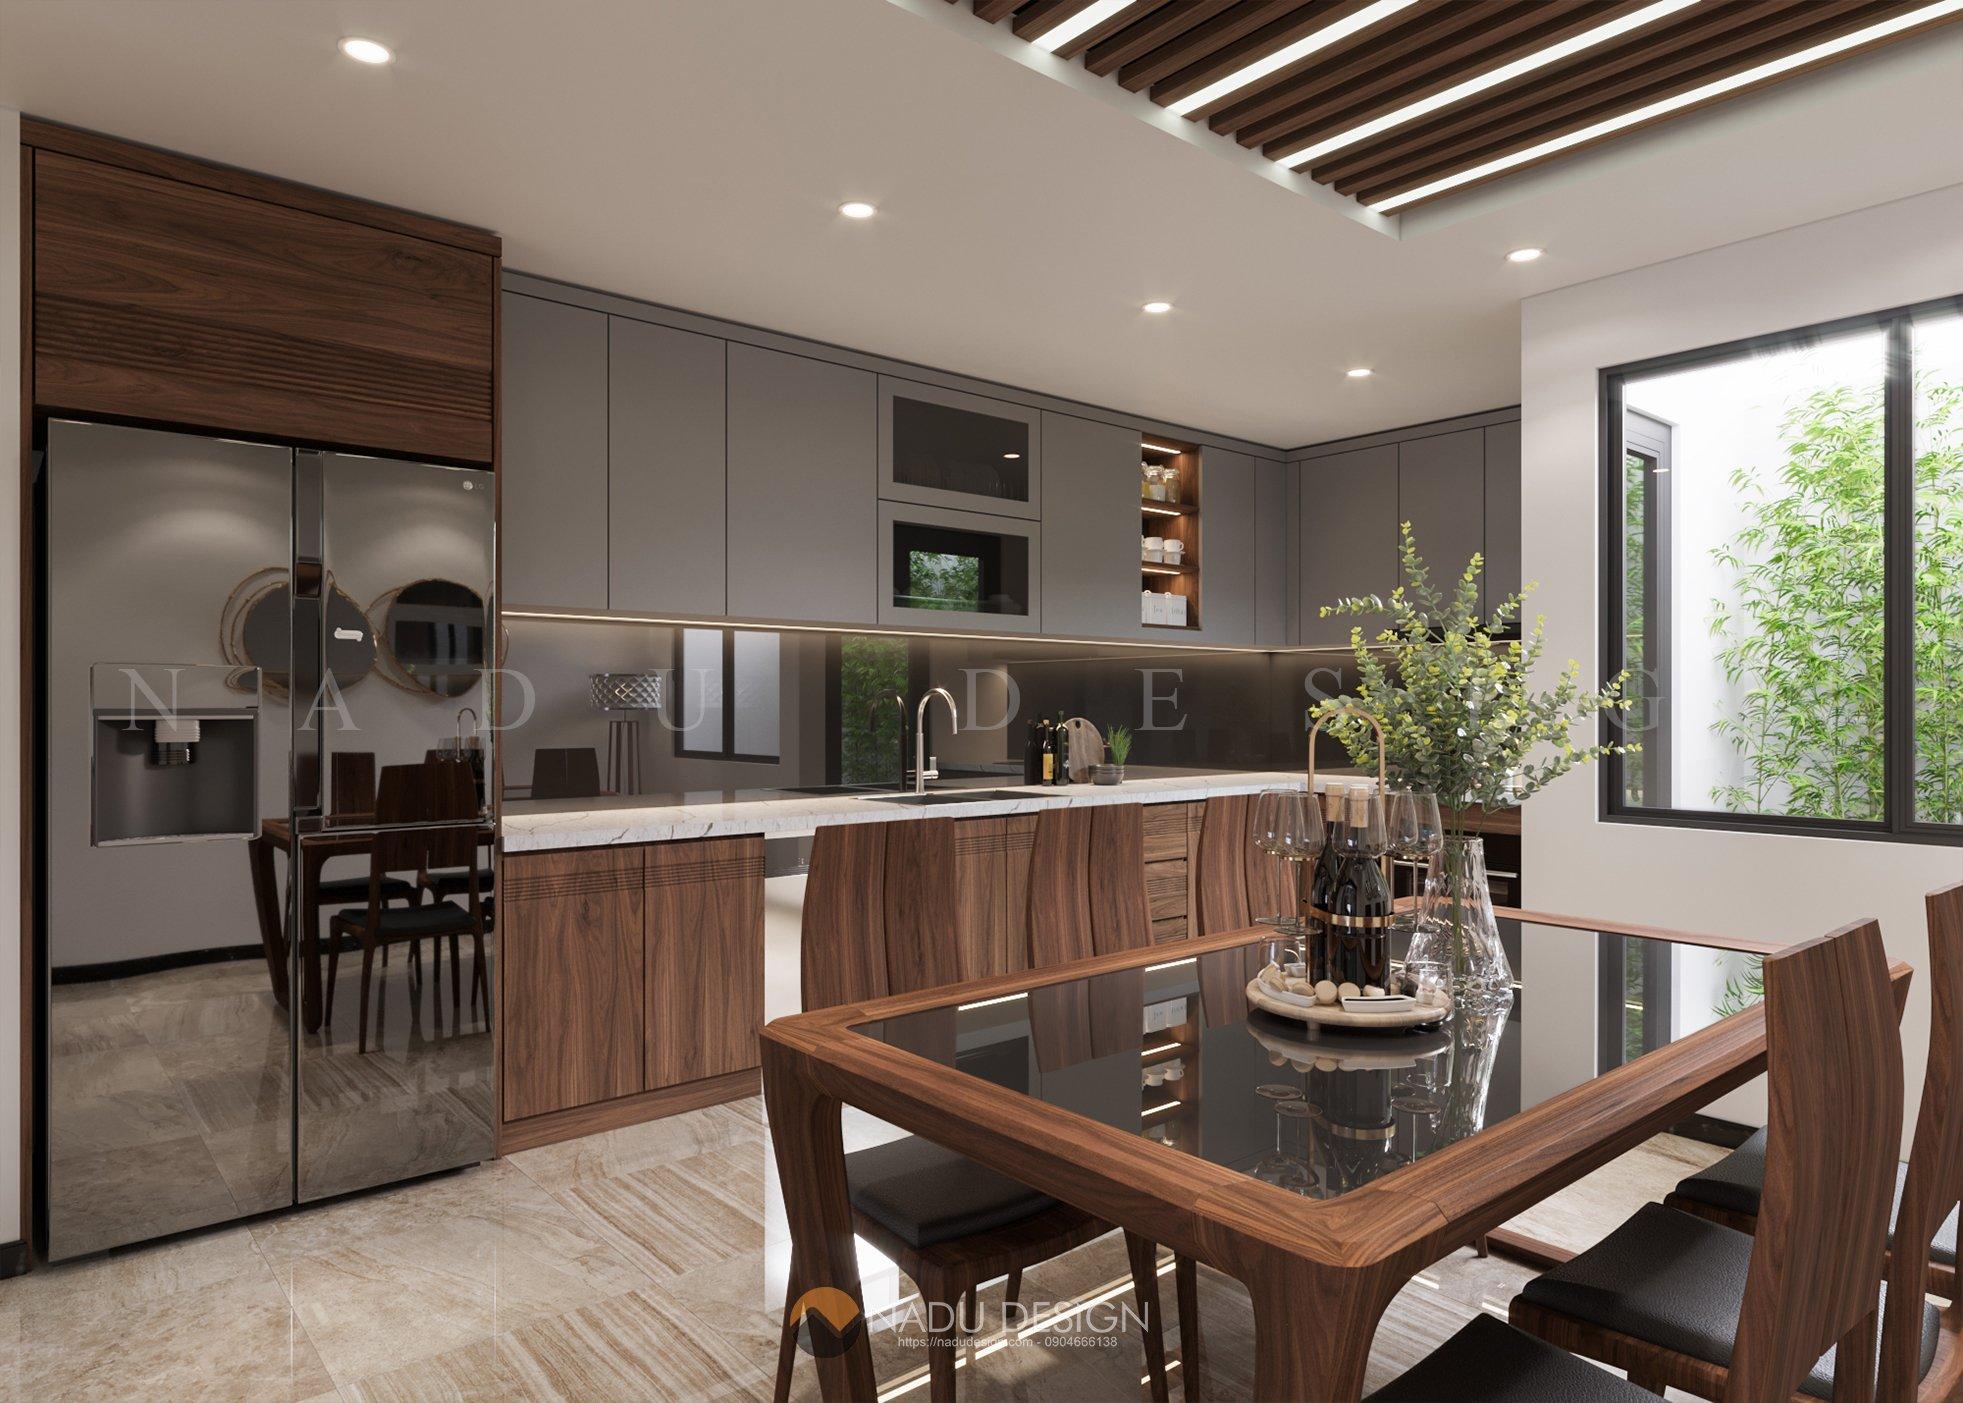 thiết kế phòng bếp nhà phố